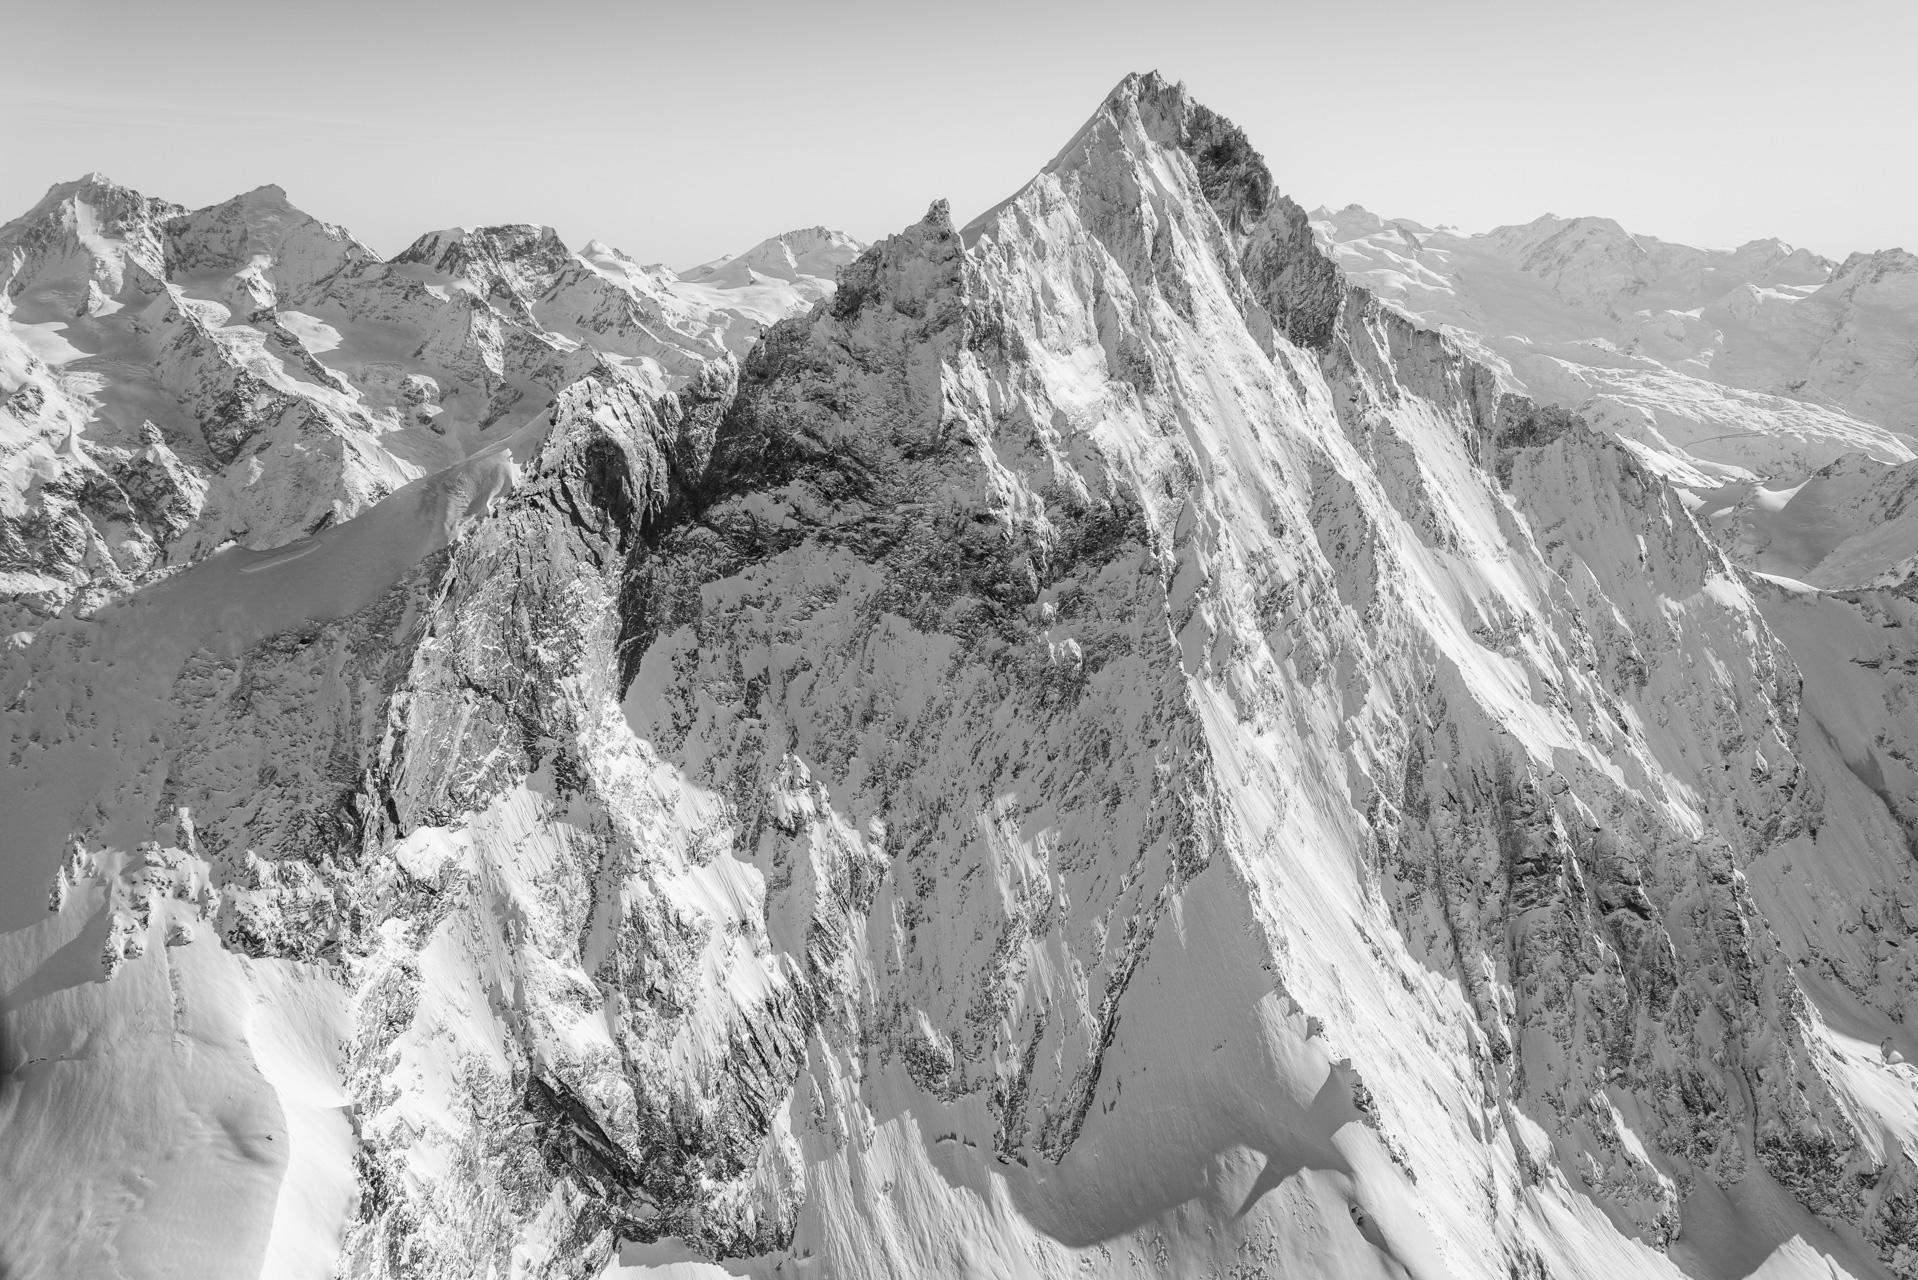 Belle photo montagne noir et blanc du Weisshorn - Vue sur la face Ouest du Weisshorn après une tempète hivernale